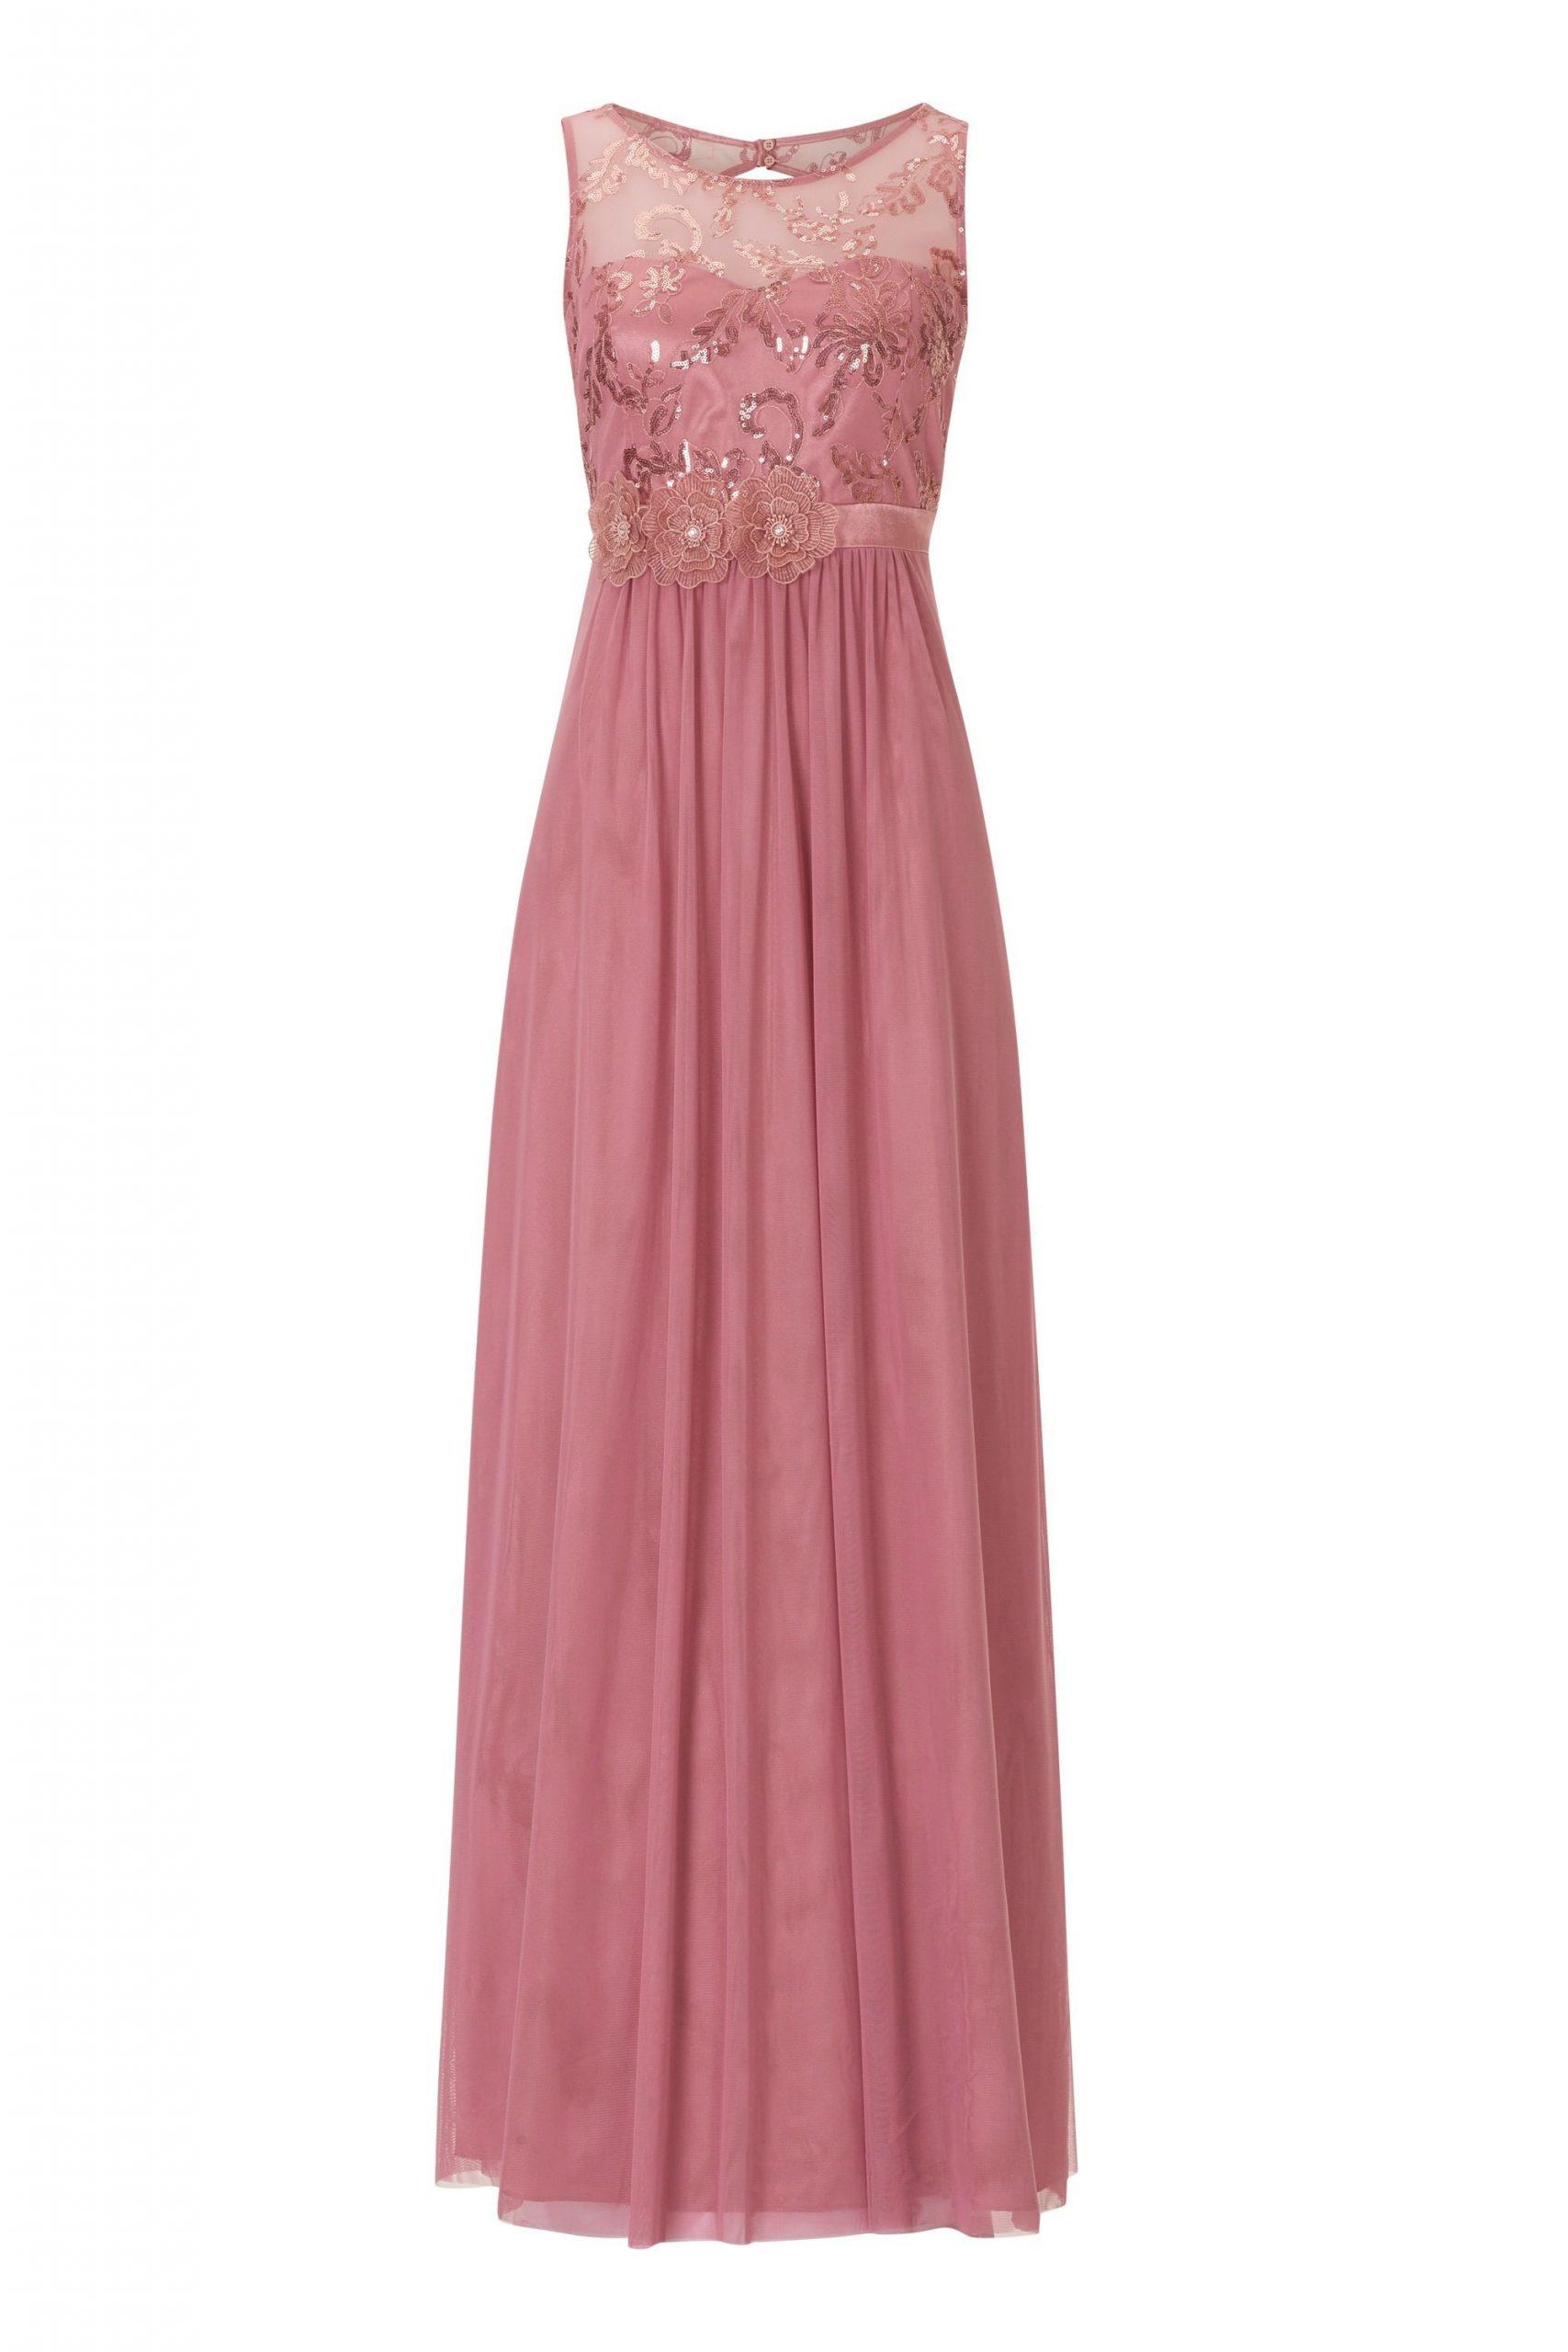 10 Top Abendkleid Vera Mont Boutique17 Einfach Abendkleid Vera Mont Spezialgebiet